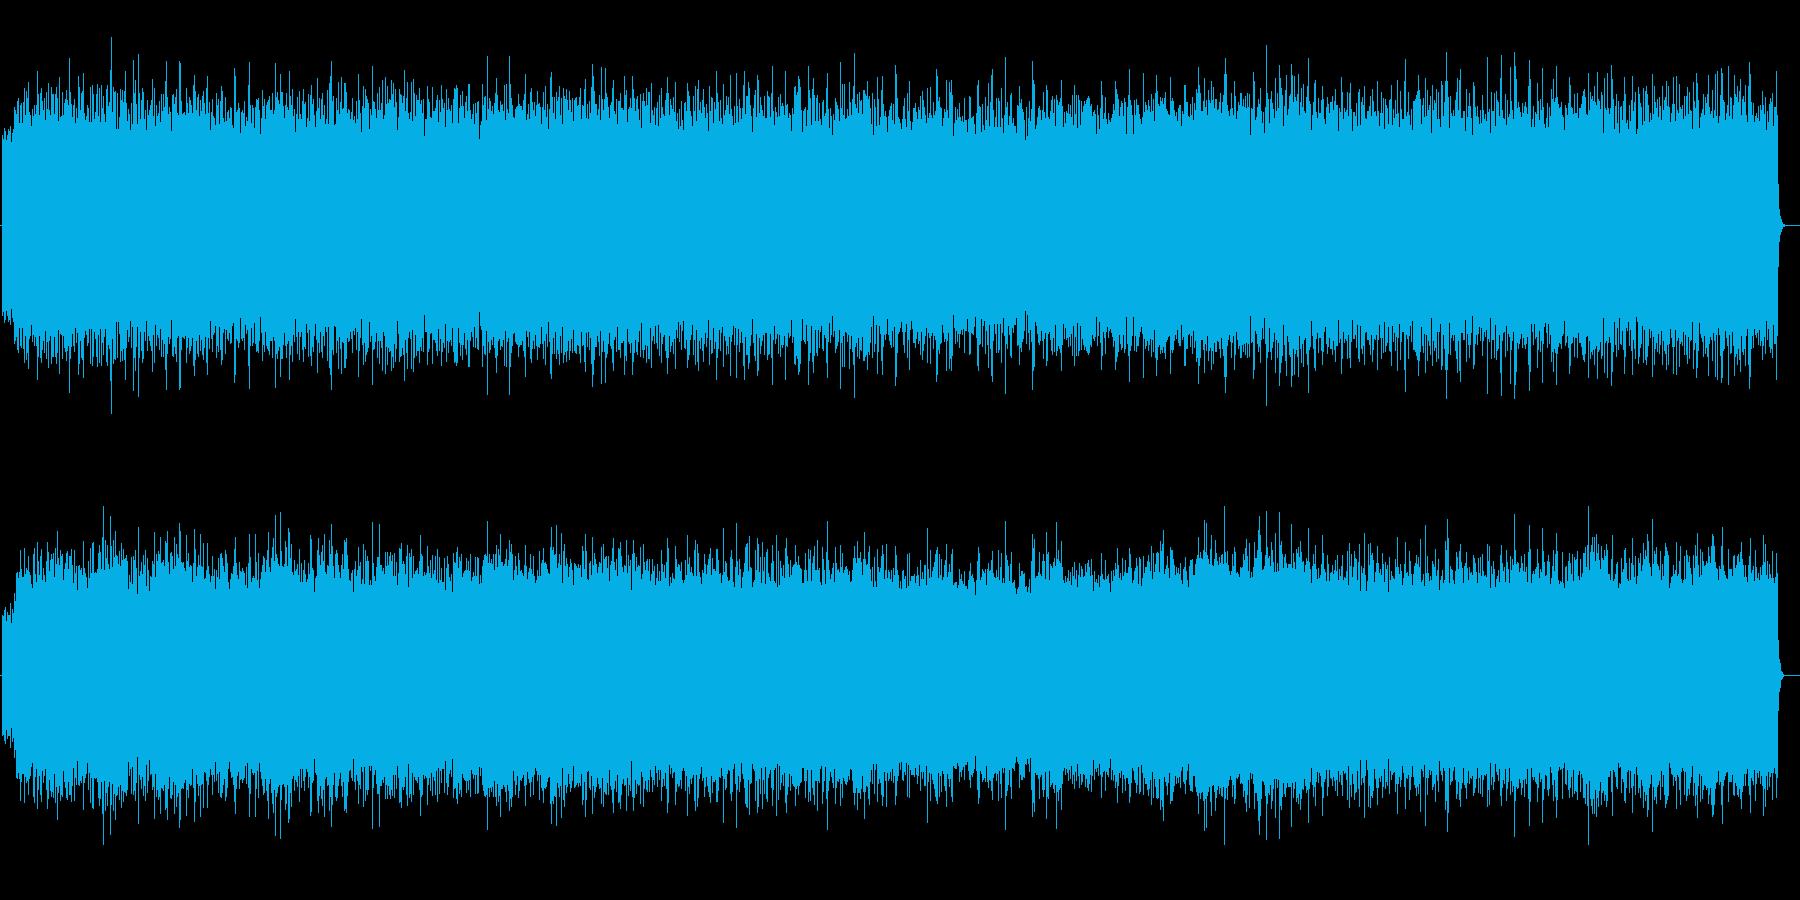 オルガンPOPステレオラブ風 SFモンドの再生済みの波形